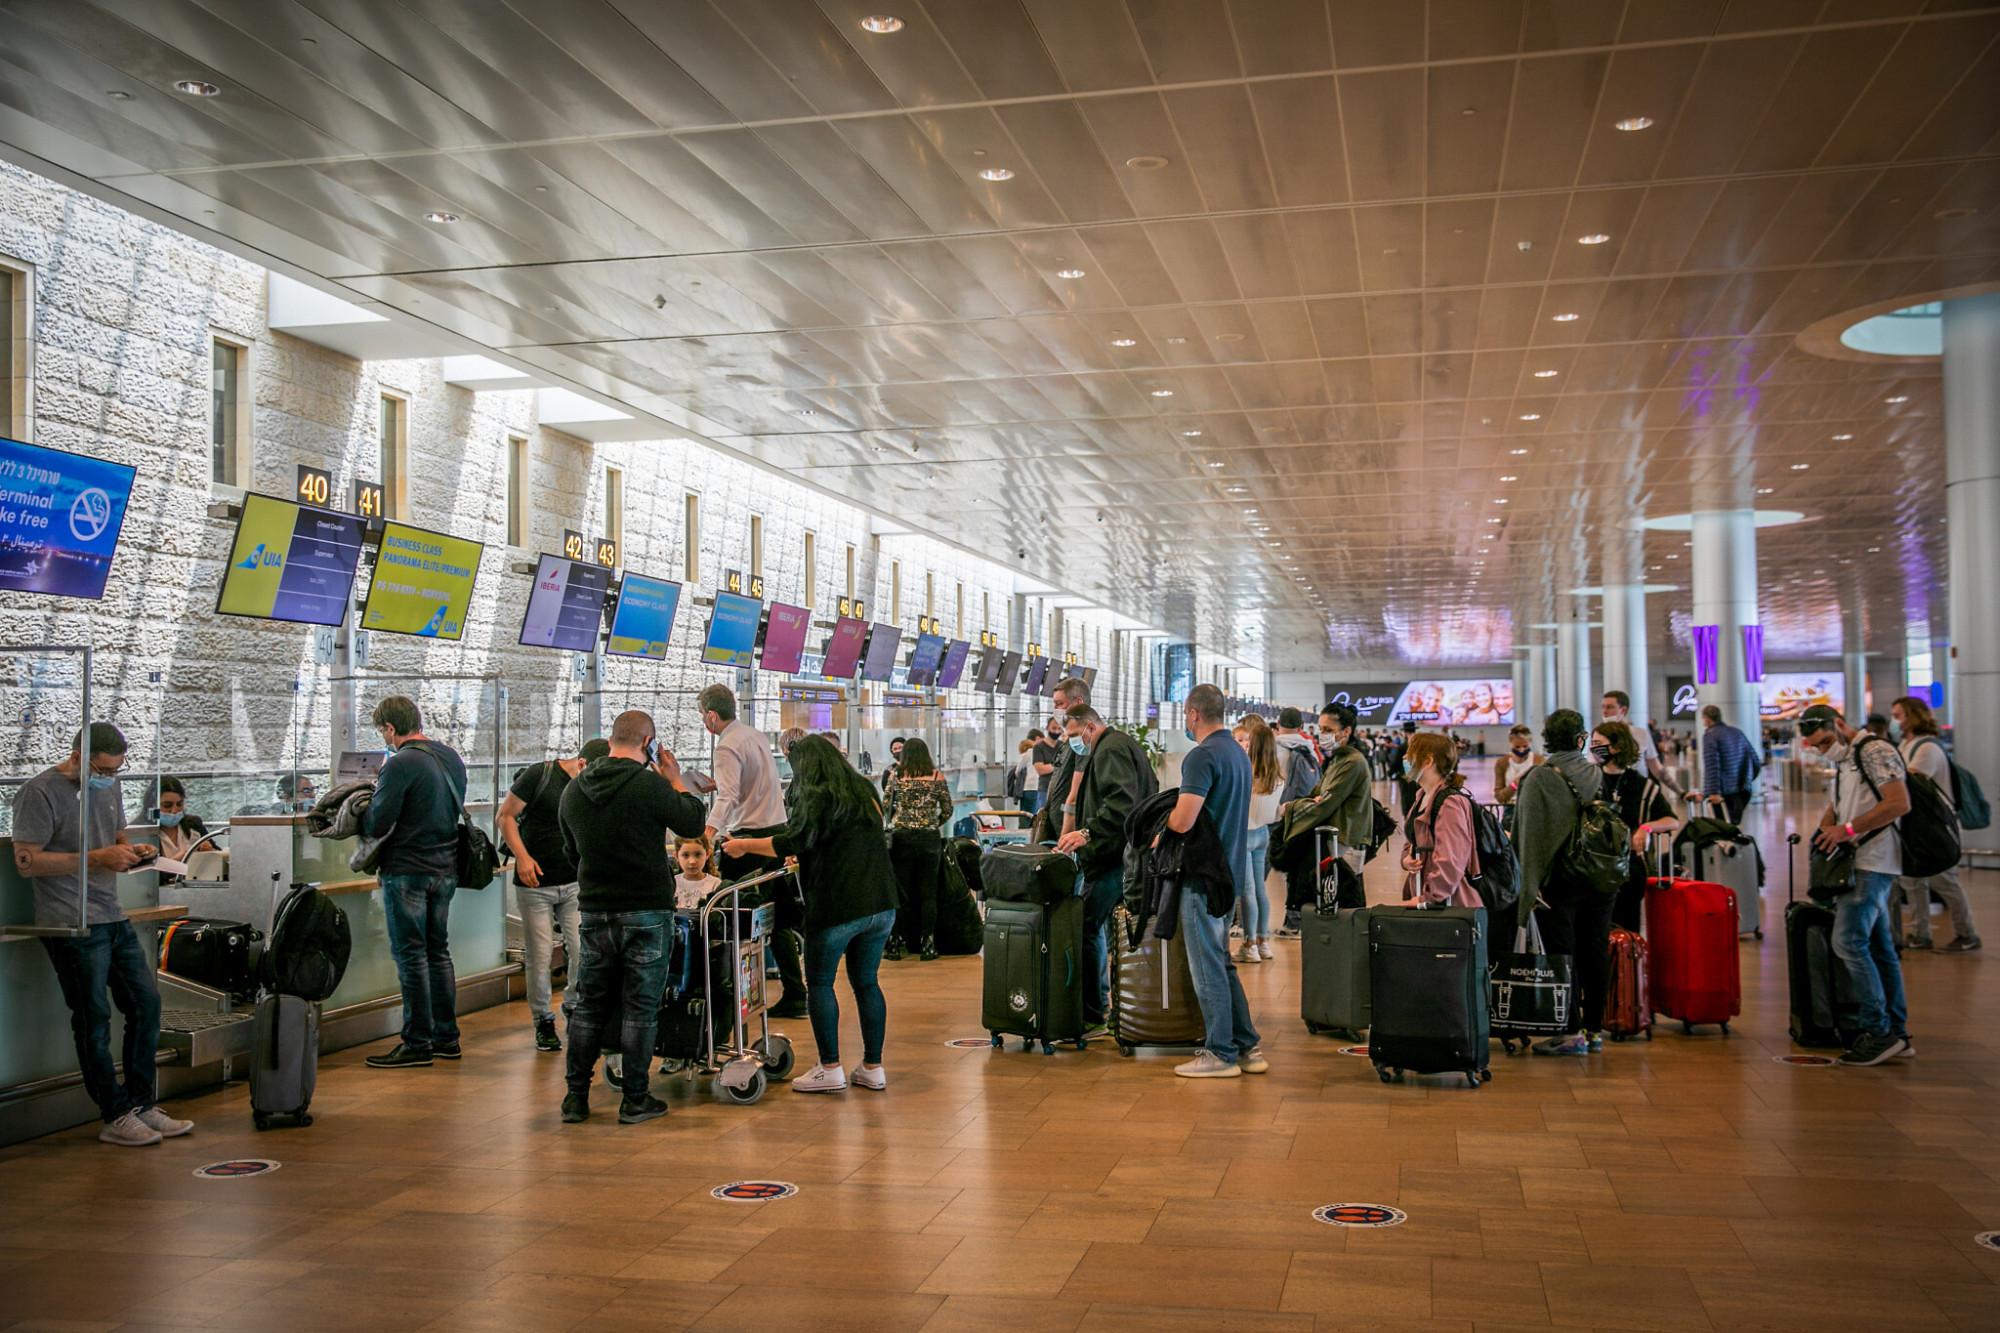 Các biện pháp khắt khe đang được áp đặt trở lại, đặc biệt là thủ tục nhập cảnh đối với du khách đến từ các nước cs nguy cơ cao - Ảnh: Yossi Aloni/Flash90